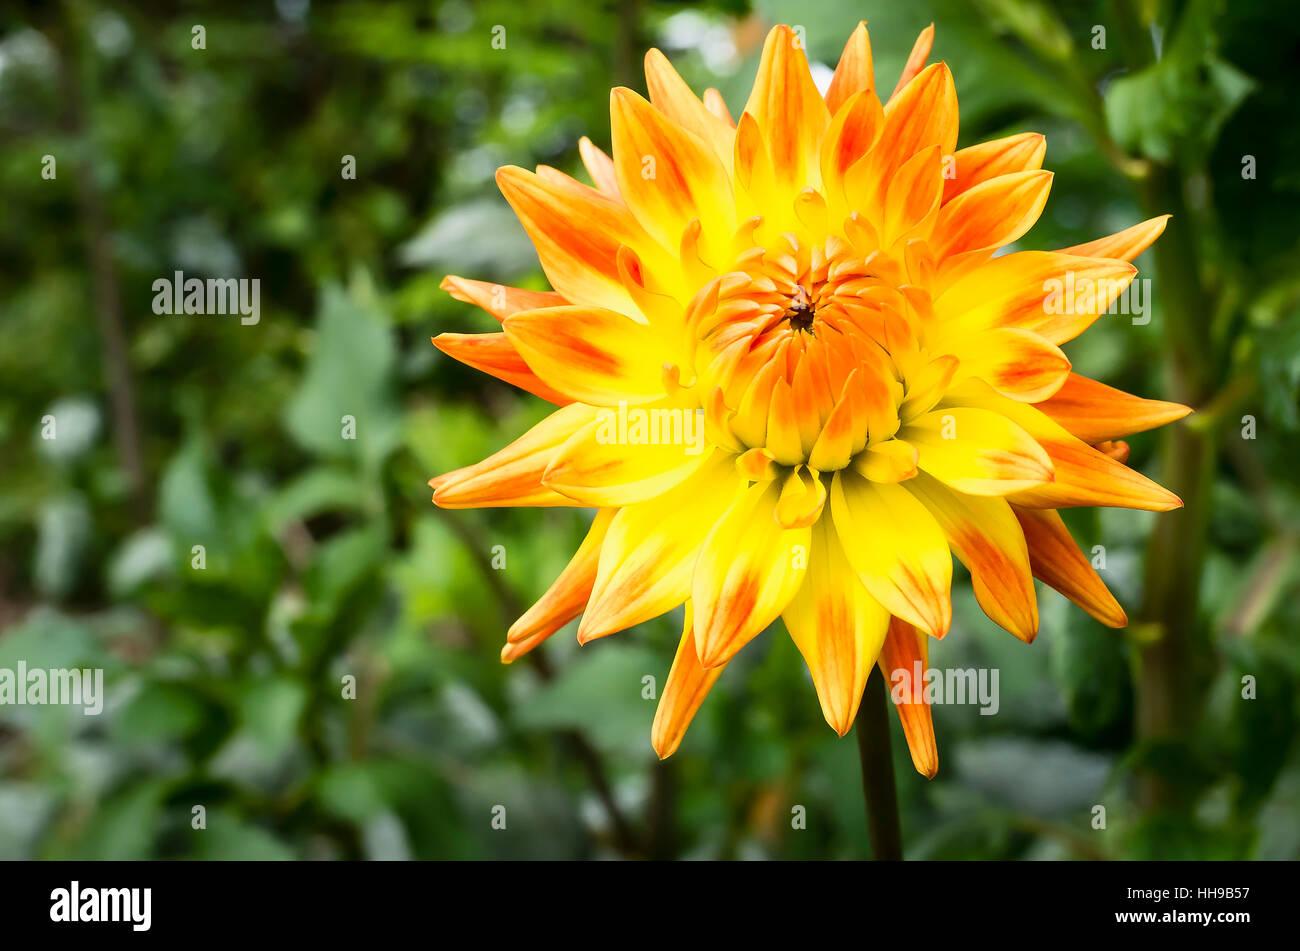 Dahlia Rising Sun  flowering in September in the UK - Stock Image